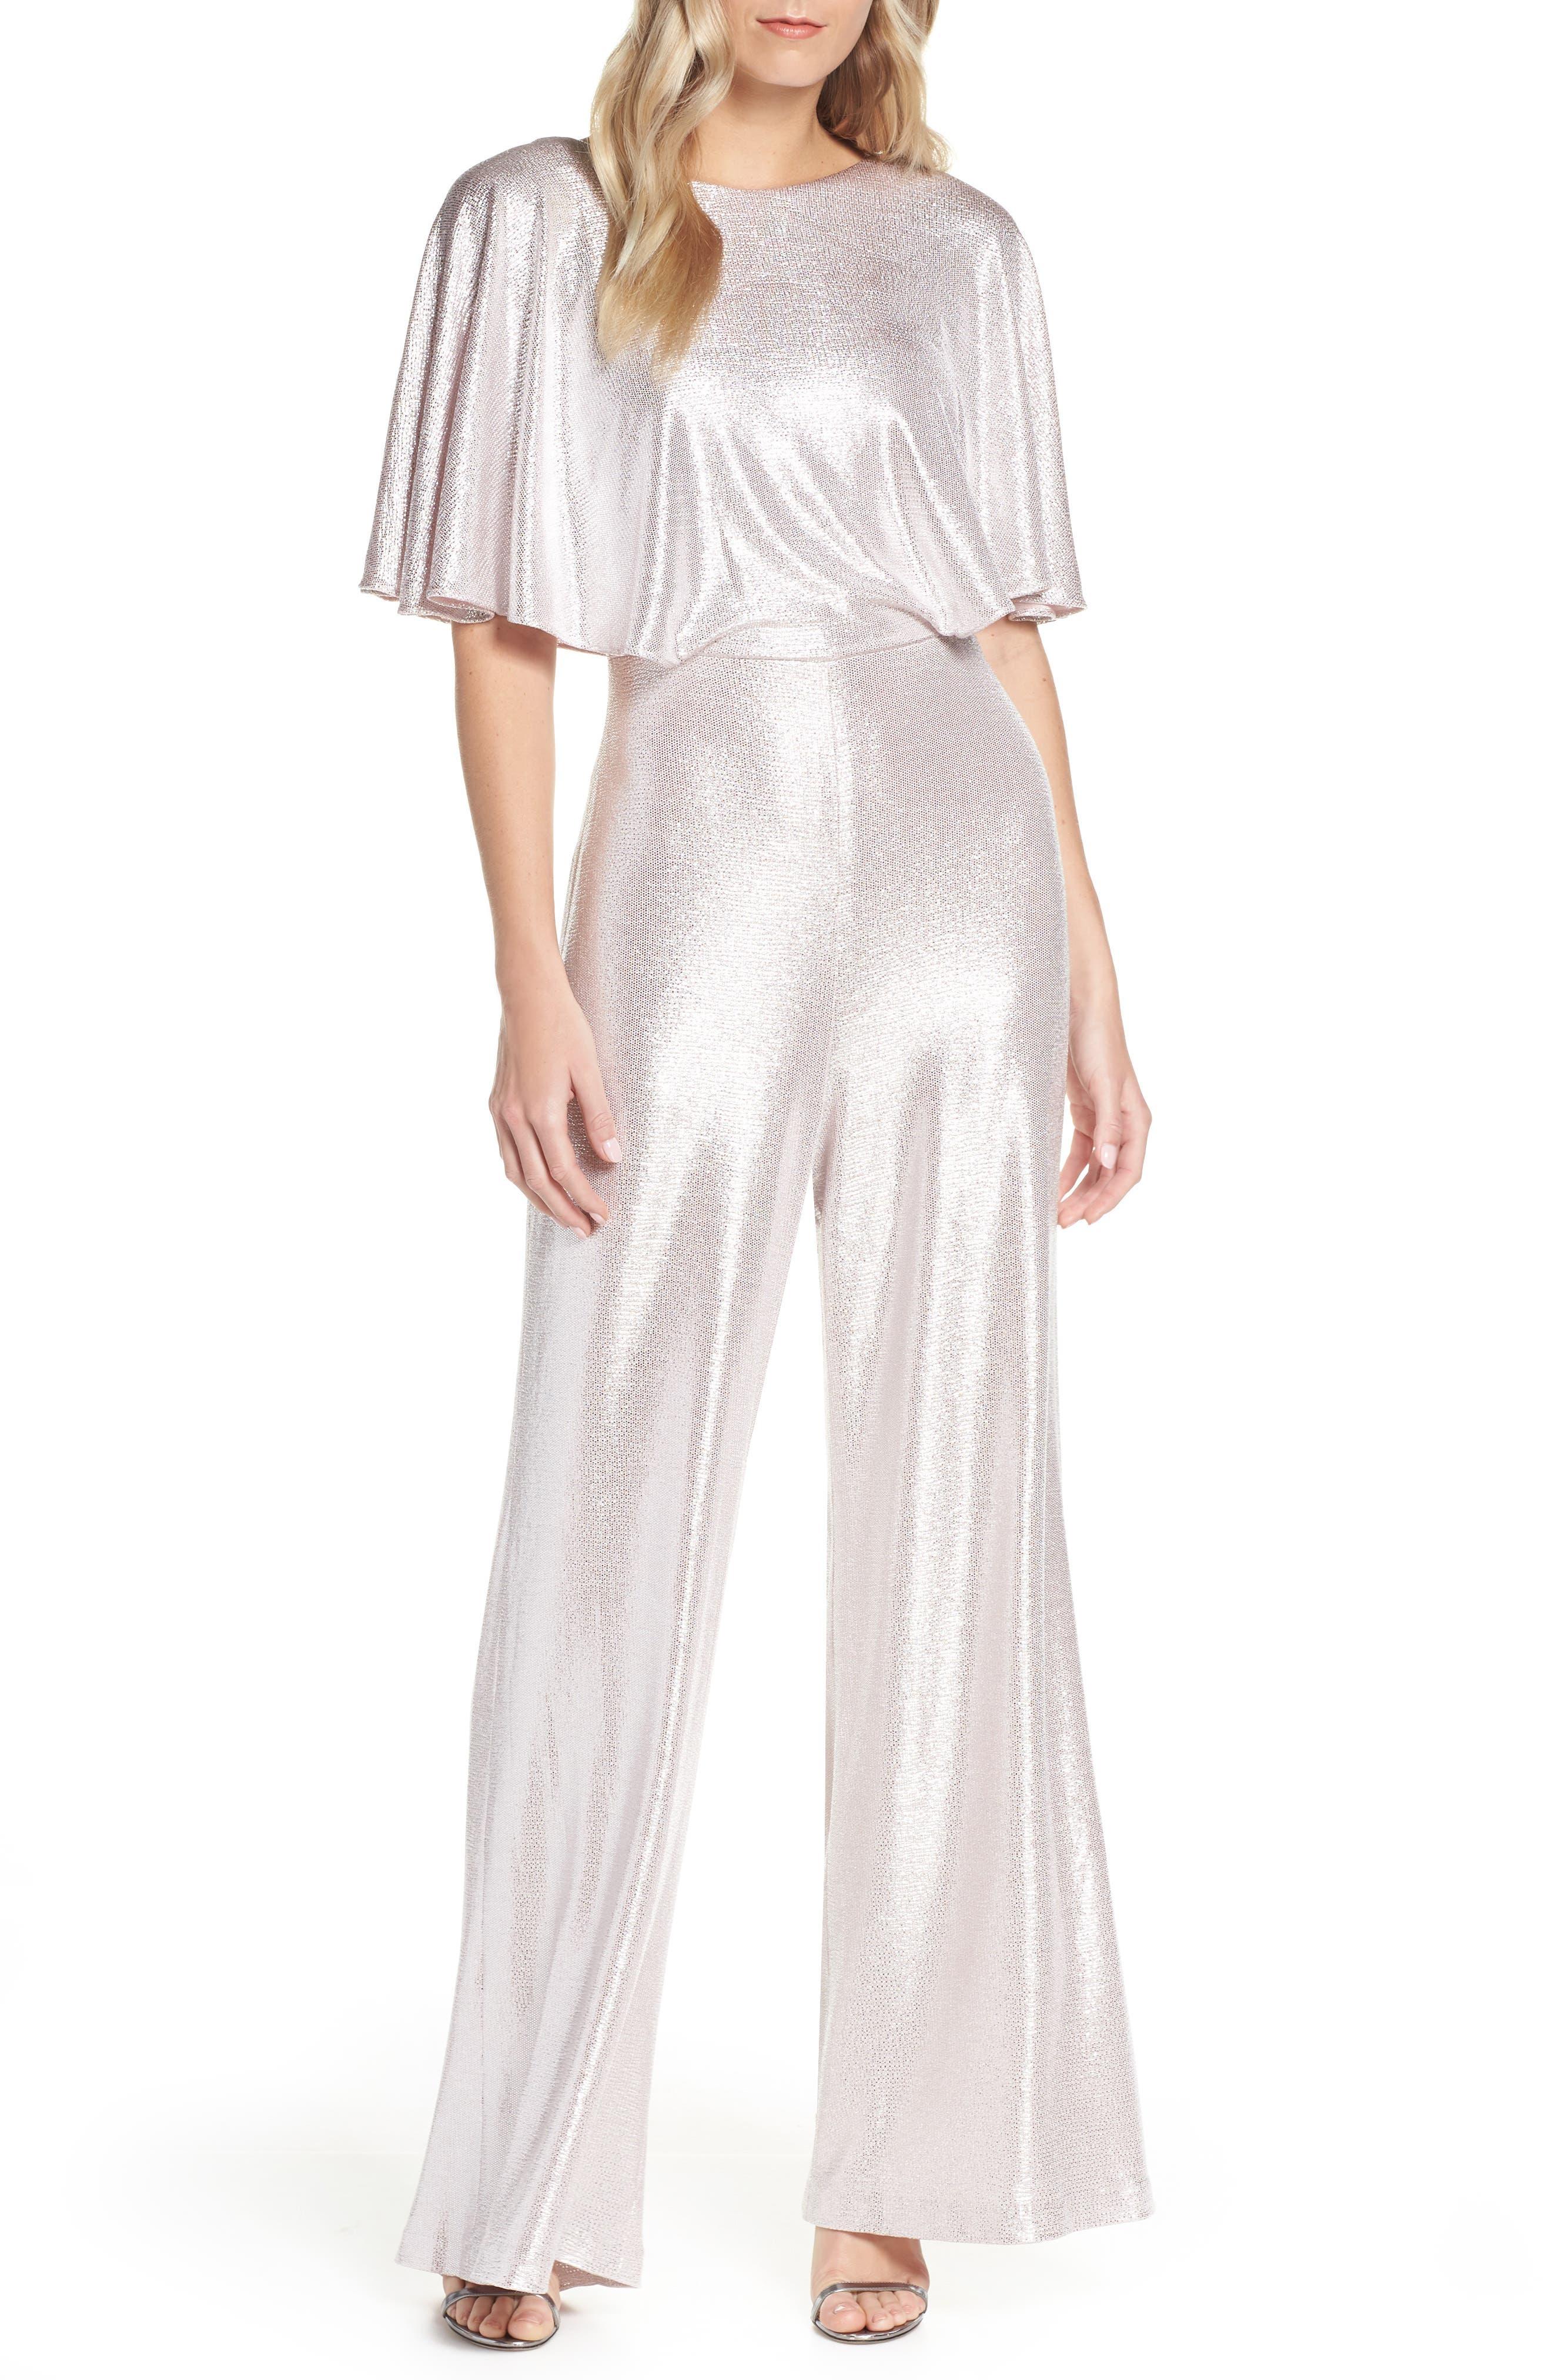 70s Dresses – Disco Dress, Hippie Dress, Wrap Dress Womens Eliza J Cape Sleeve Foiled Jumpsuit $100.80 AT vintagedancer.com